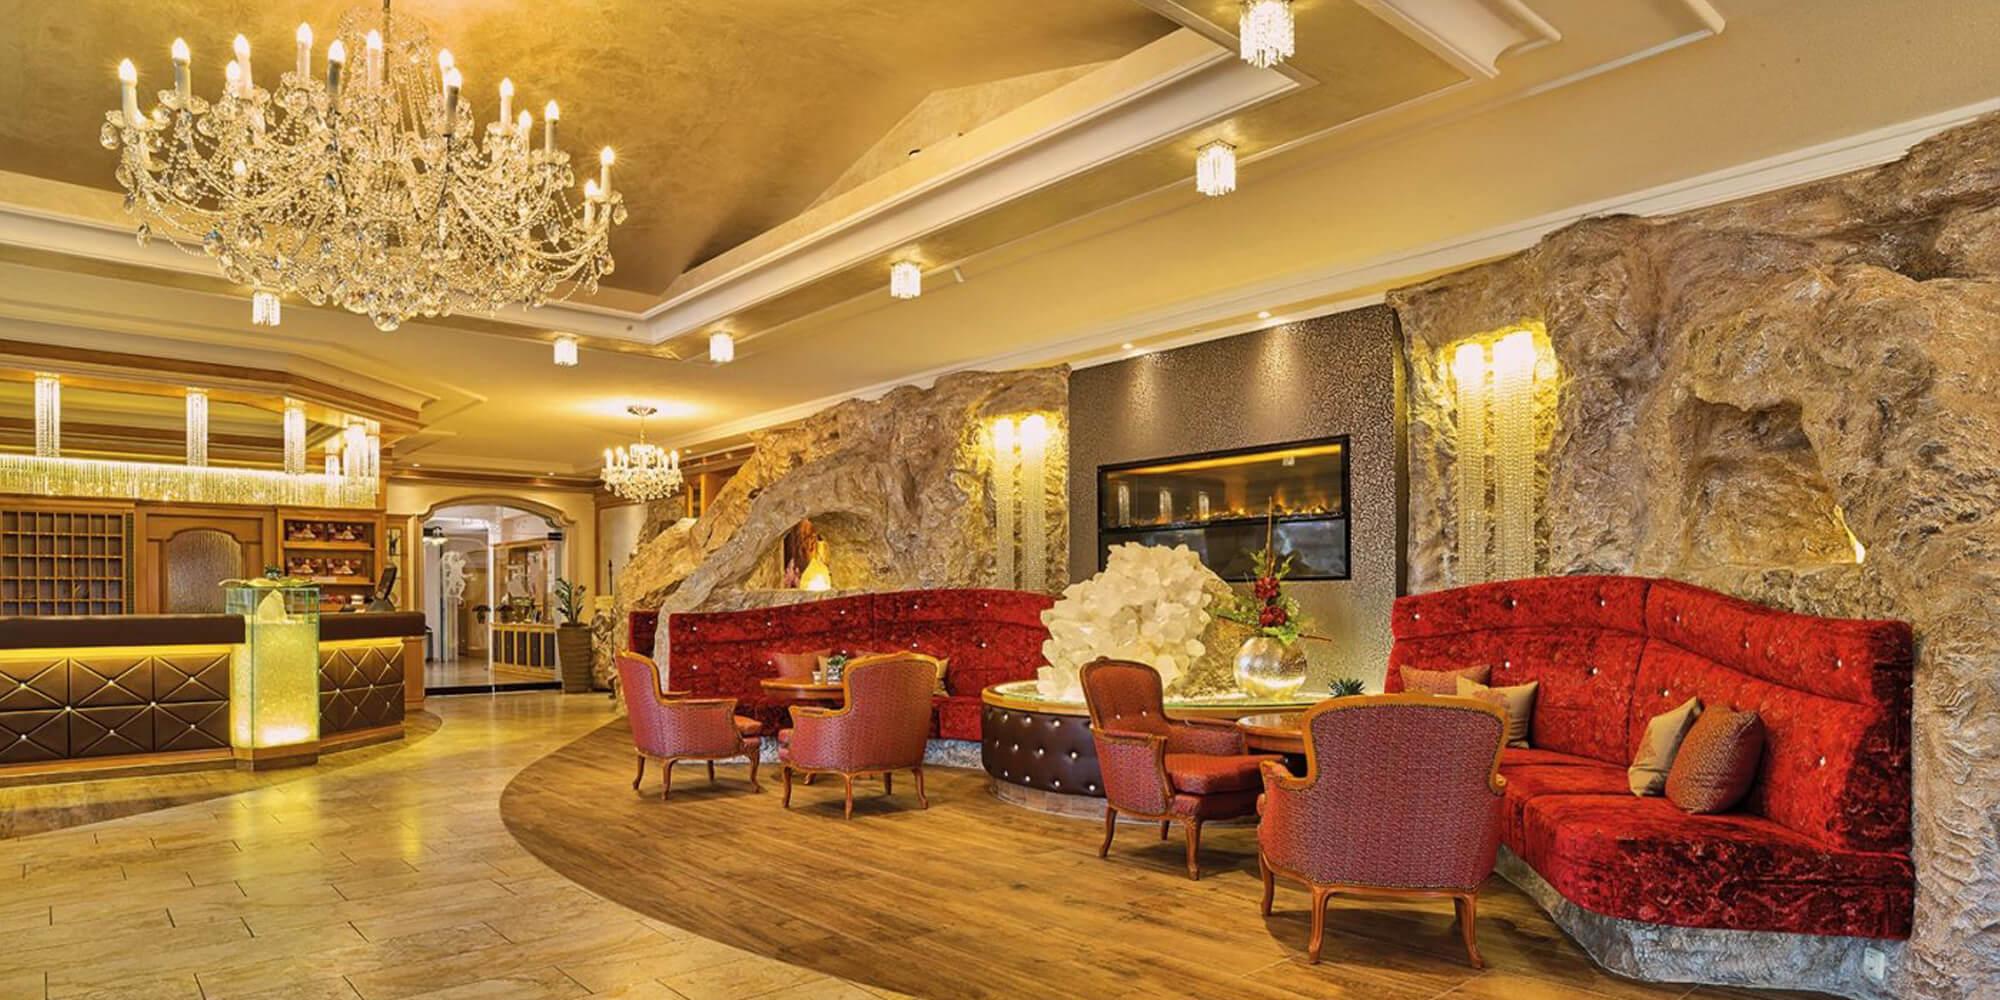 Crea-Plan-Design-Rauch-Frühmann-Architektur-Innenarchitektur-Design-Projekt-Referenz-Hotelerie-Gastronomie-Hotel-Bergknappenhof-Rezeption